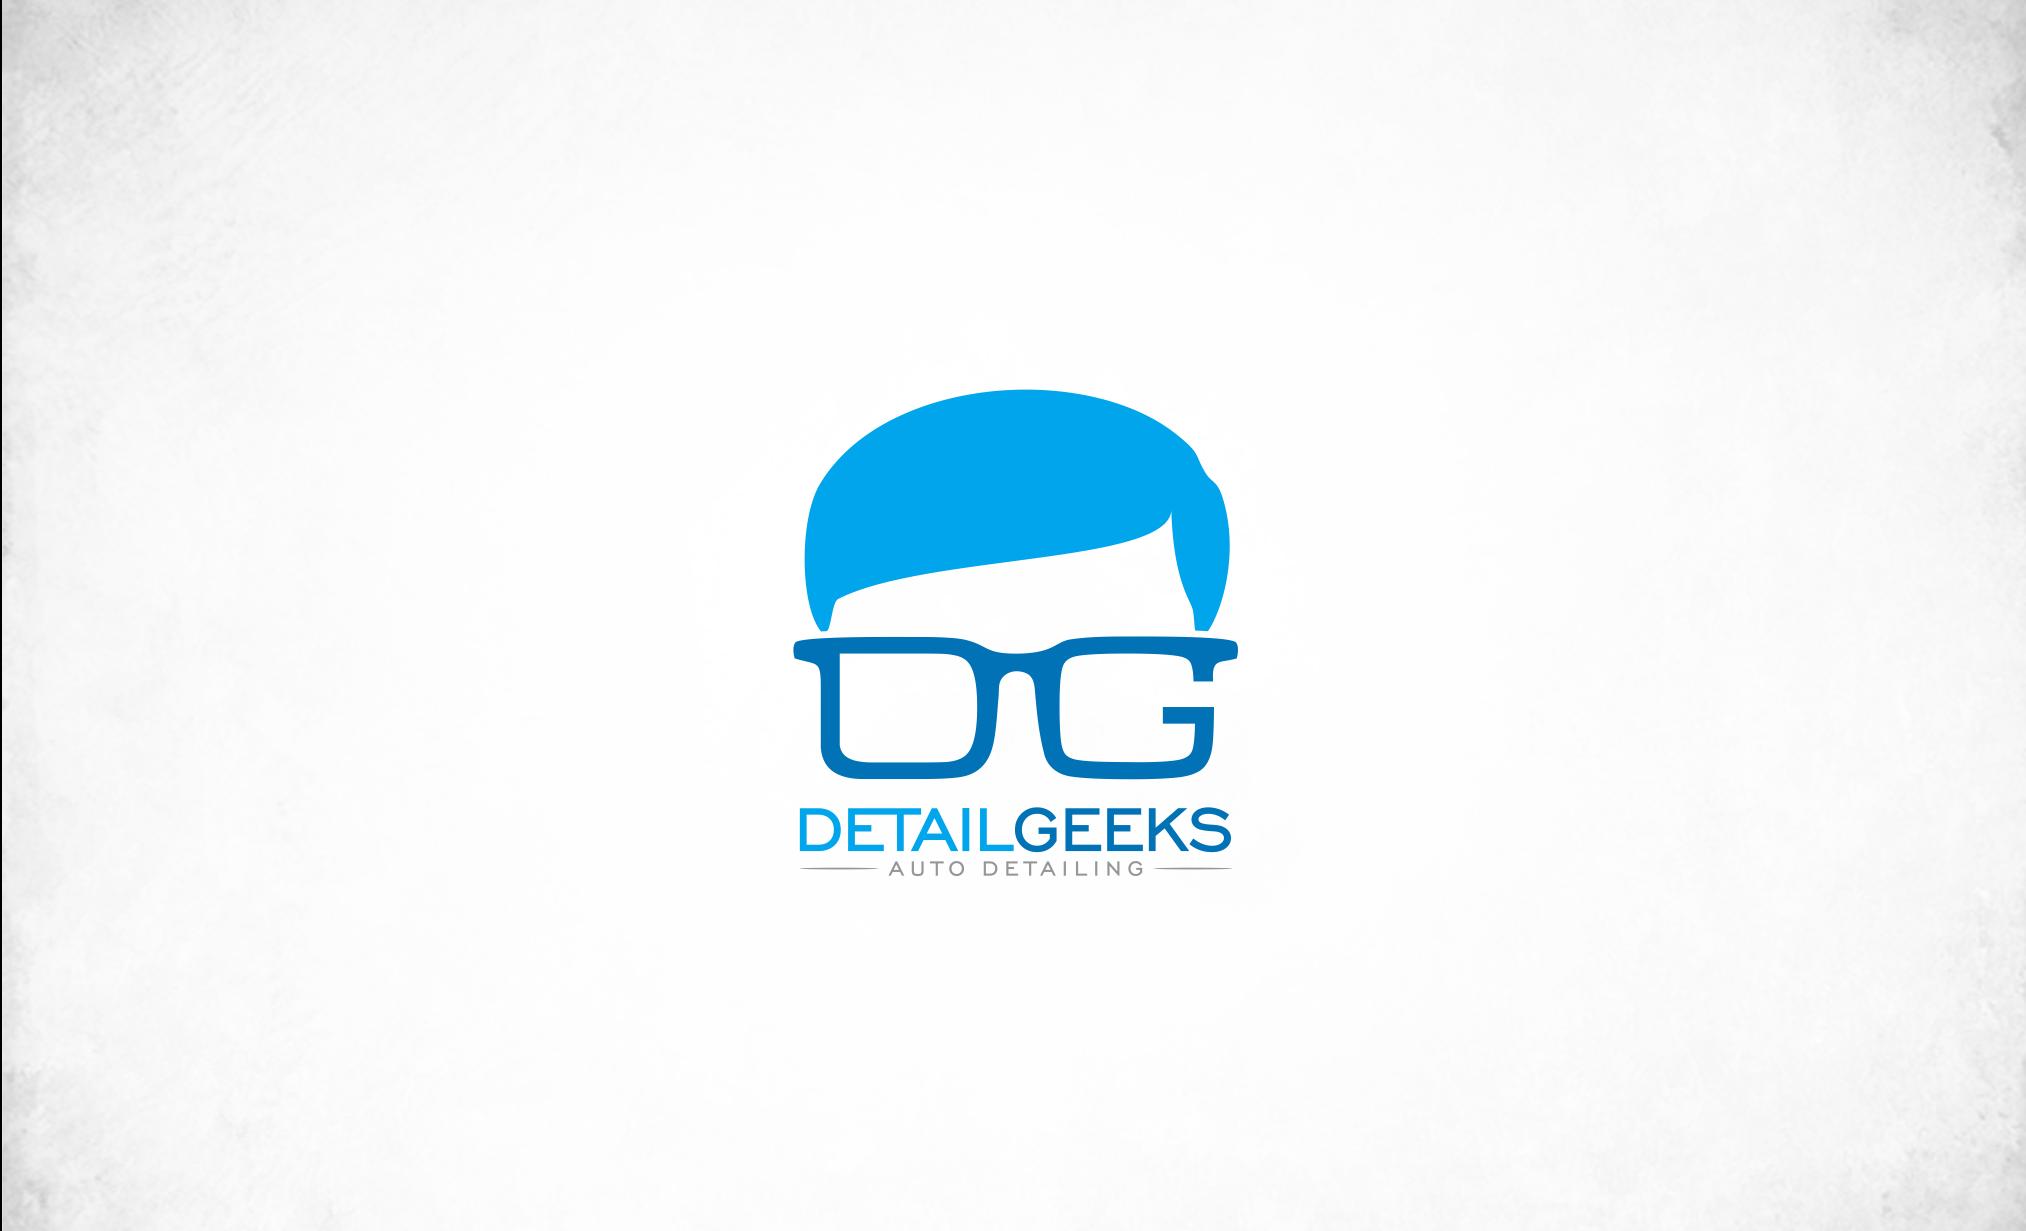 Detail Geeks logo